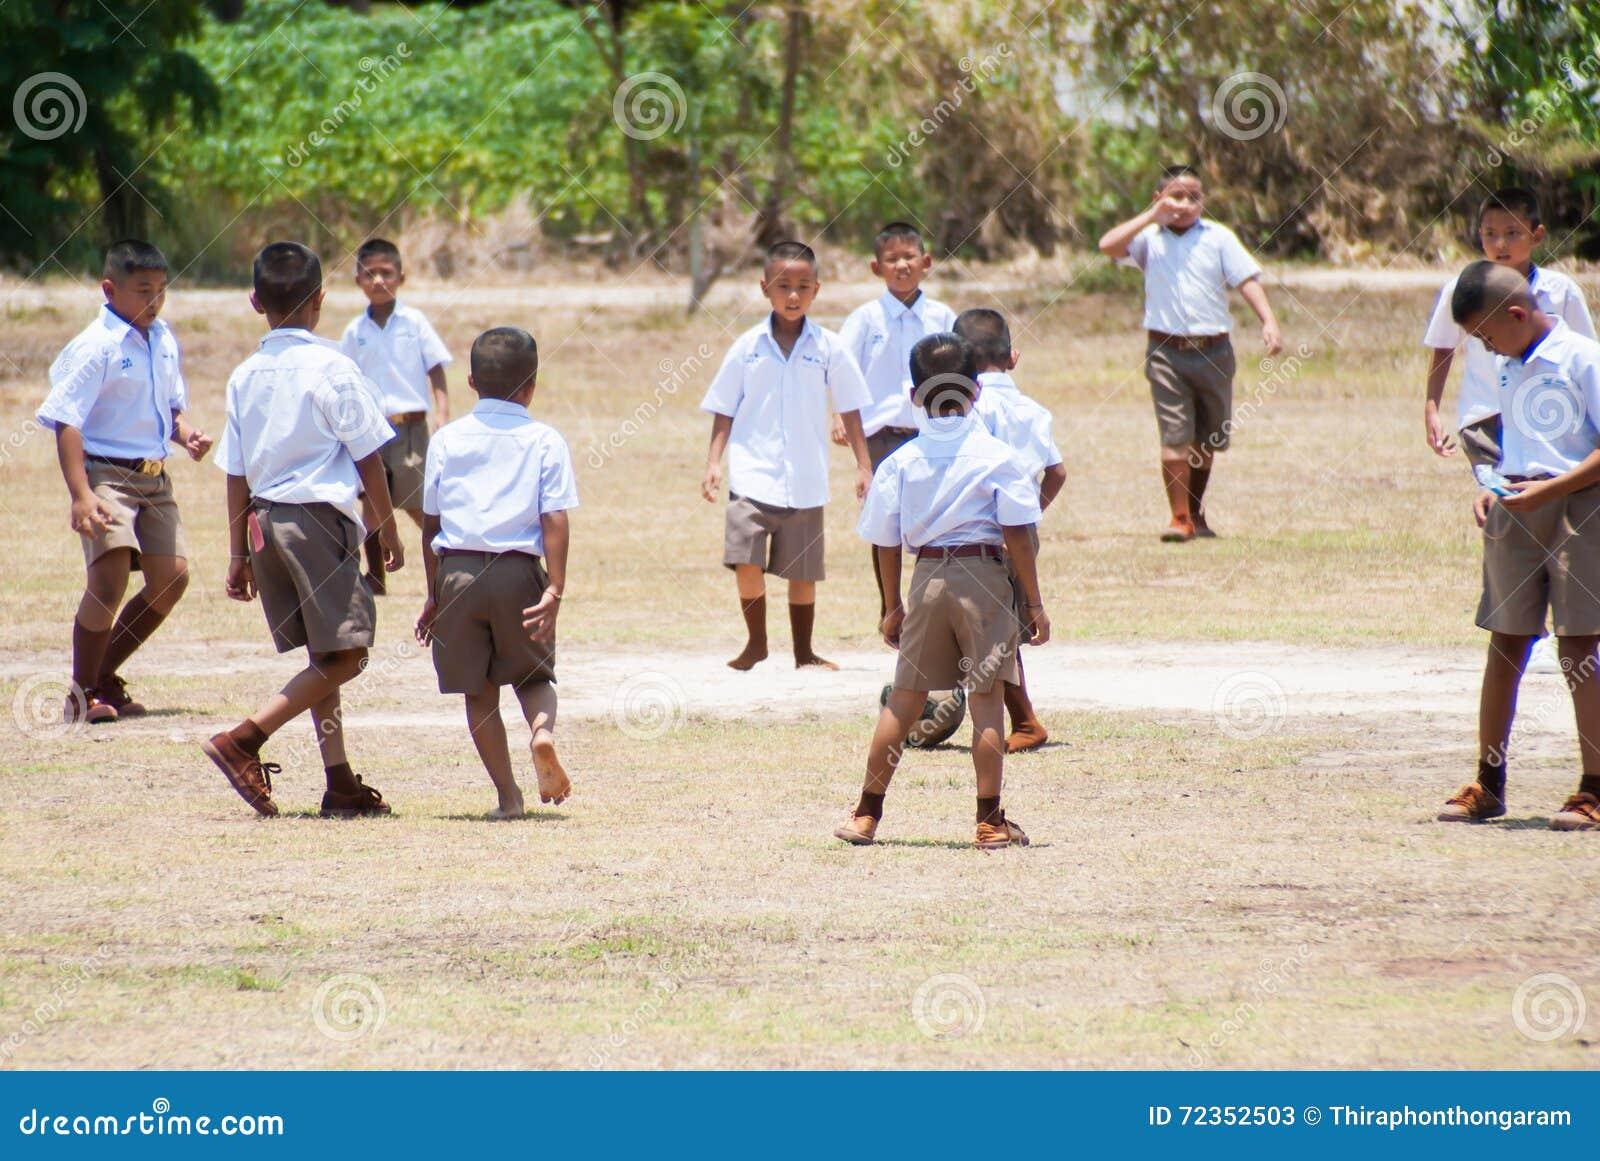 泰国儿童游戏橄榄球